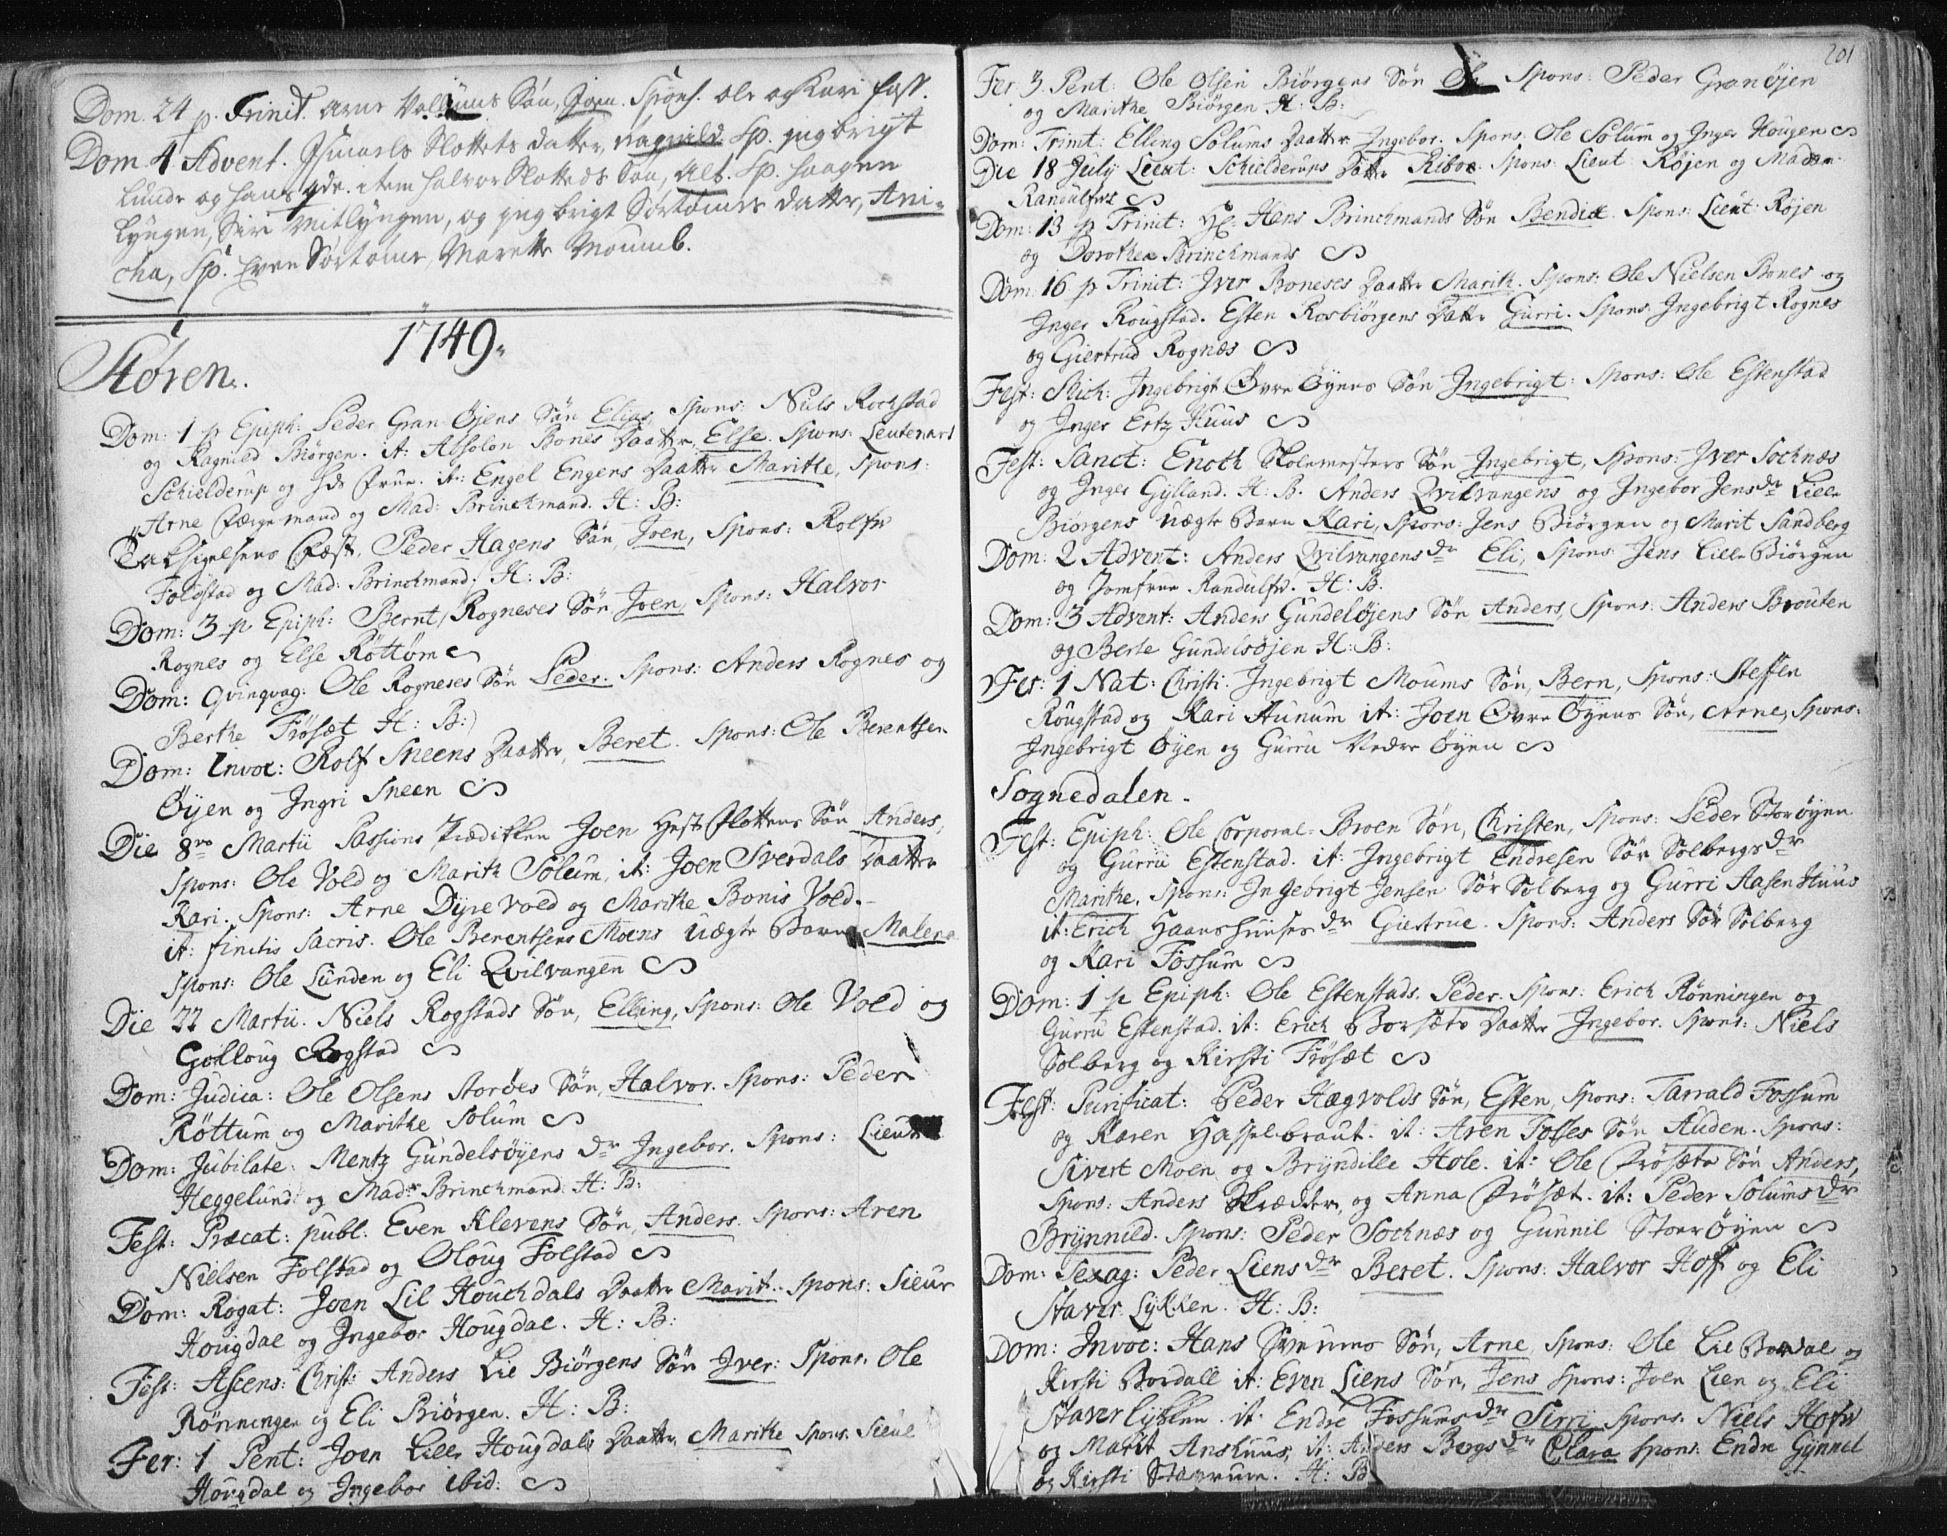 SAT, Ministerialprotokoller, klokkerbøker og fødselsregistre - Sør-Trøndelag, 687/L0991: Ministerialbok nr. 687A02, 1747-1790, s. 201